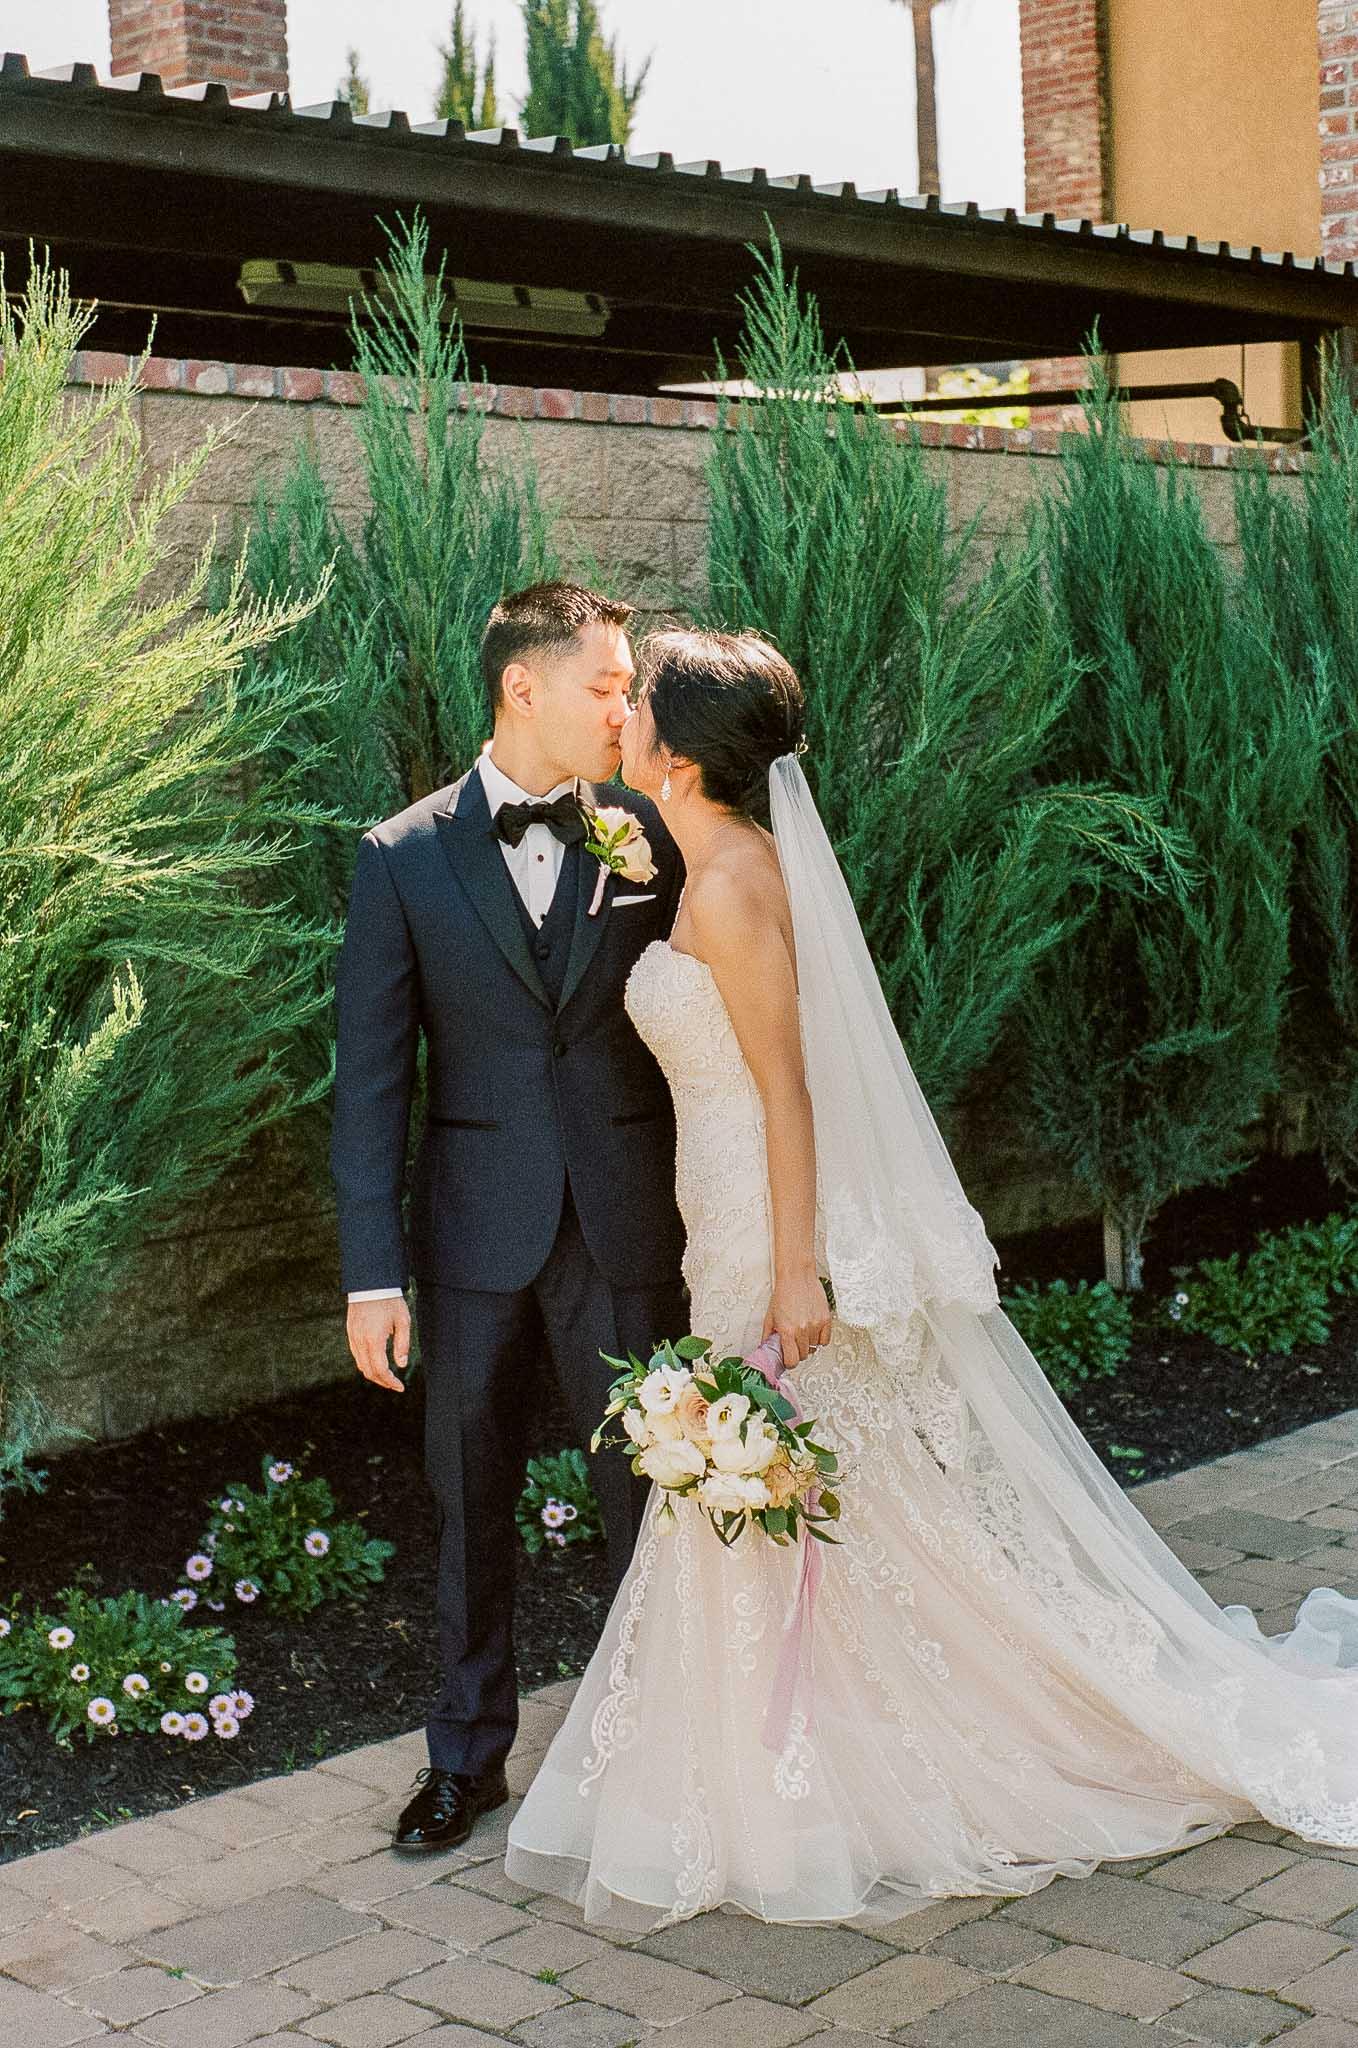 Bride-Groom-Kissing-Outside.jpg